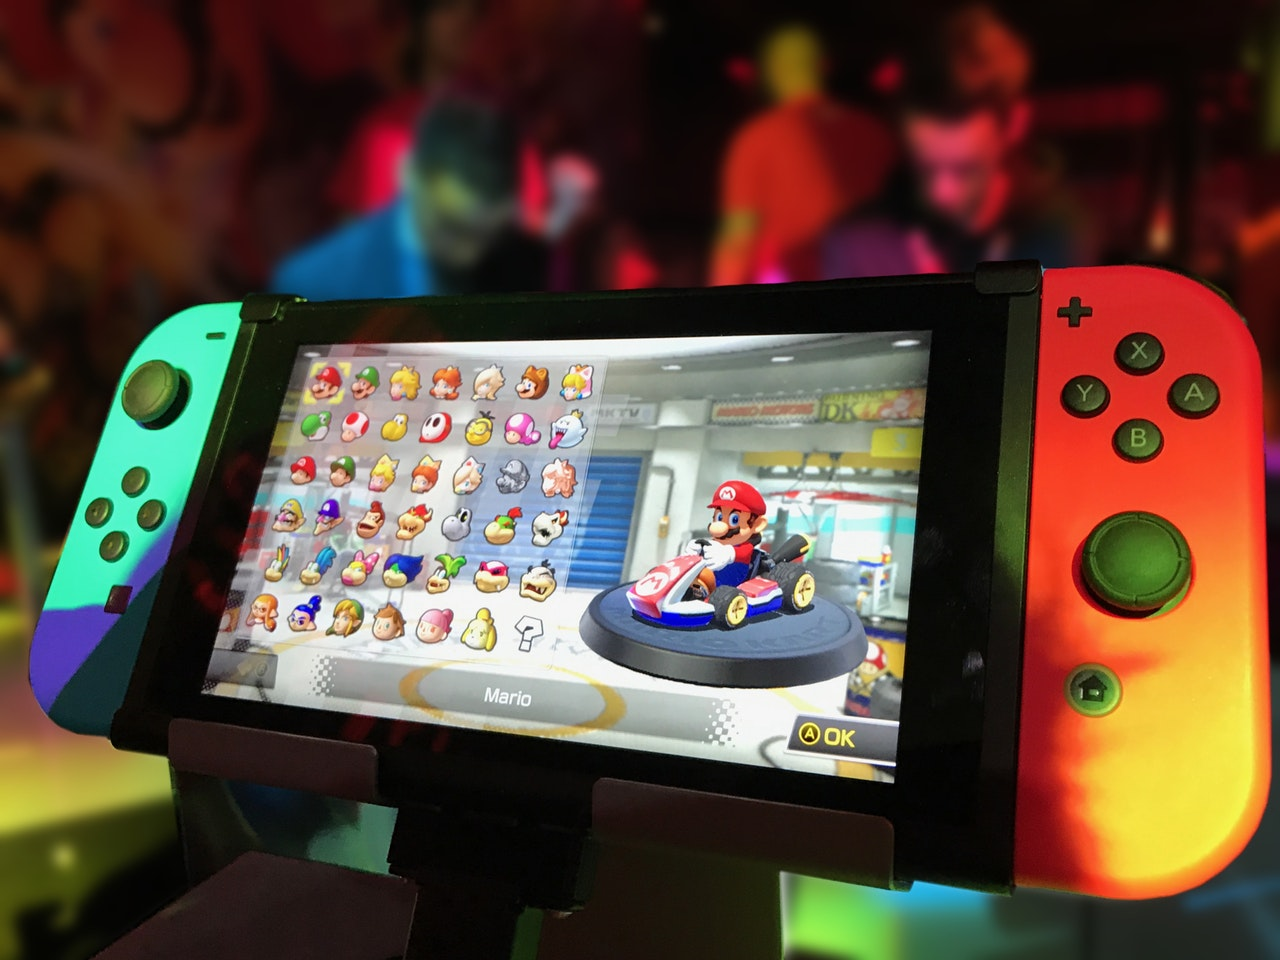 Tipos de gamers según el juego o consola